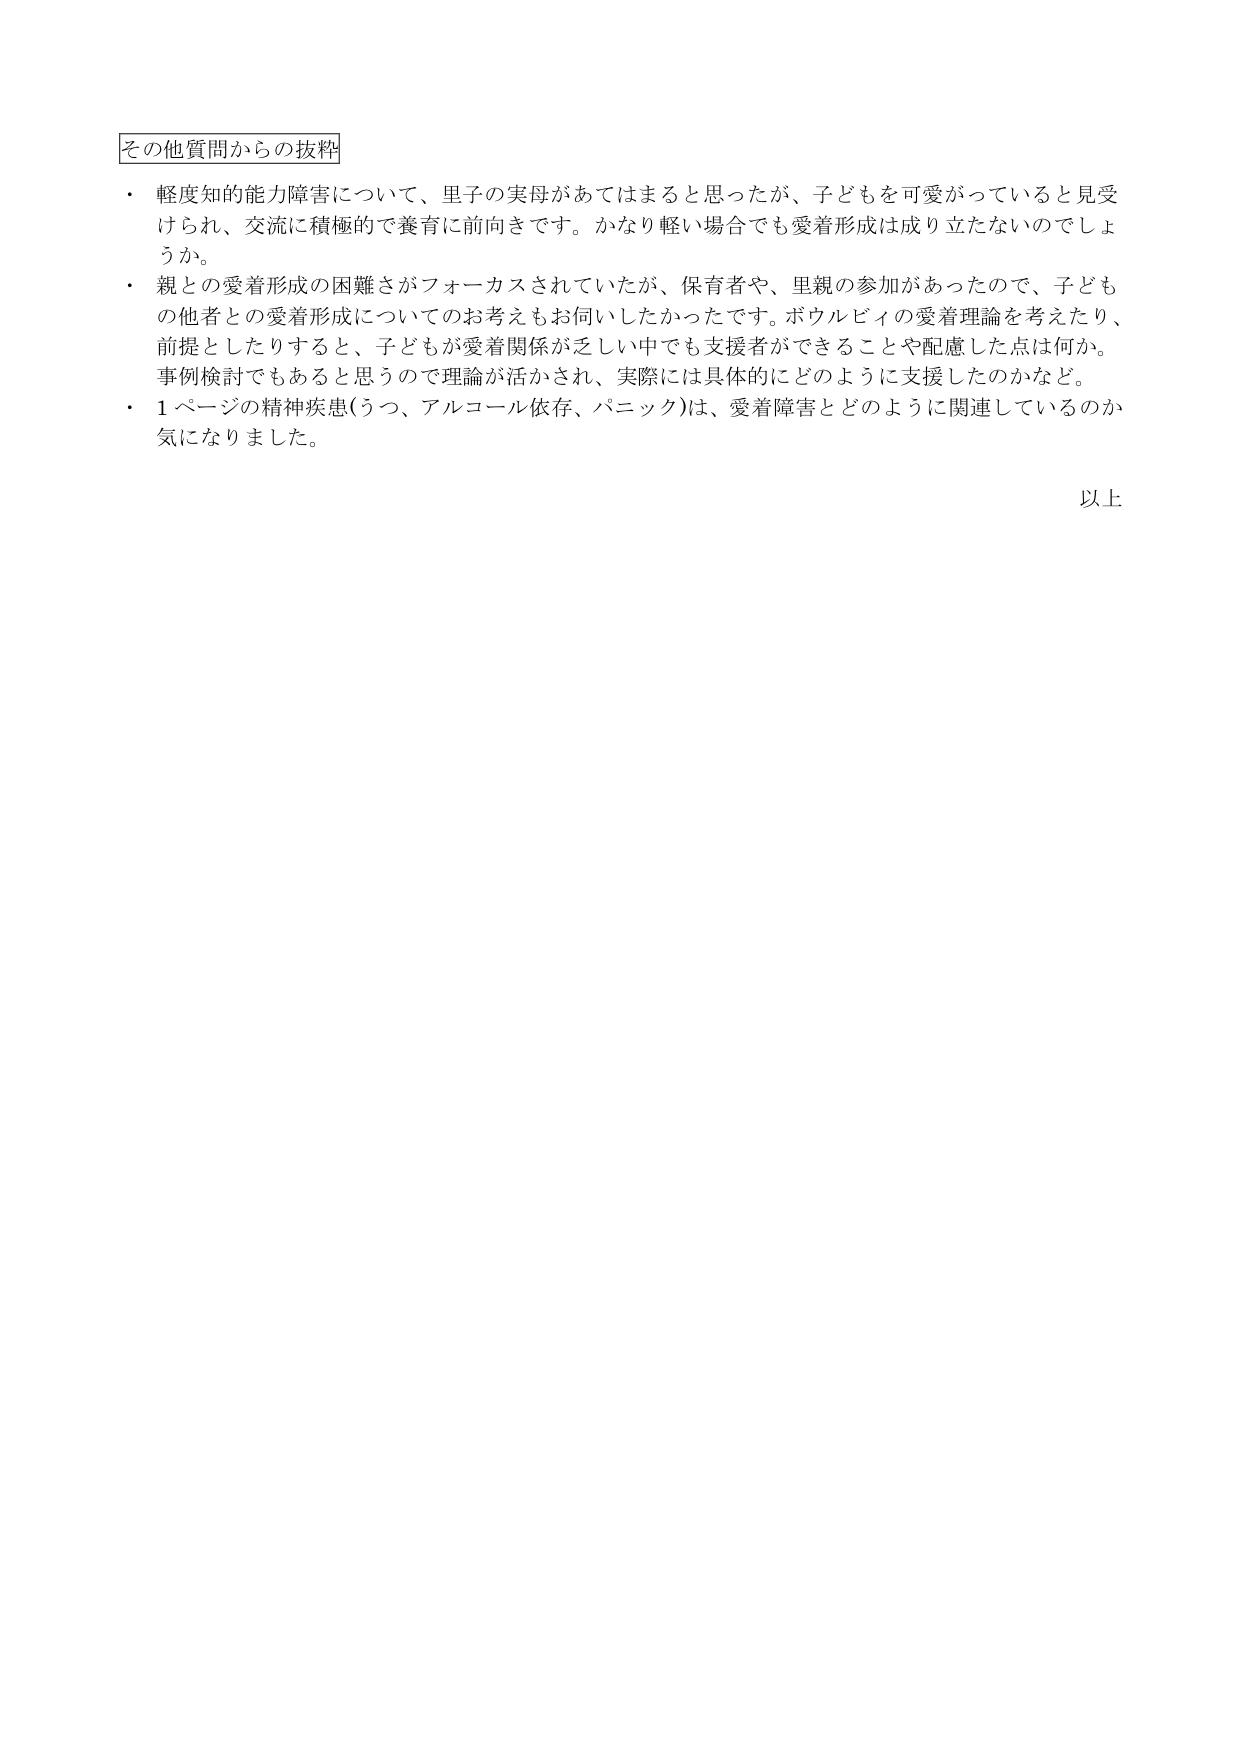 研修会アンケート 調査報告_e0015223_16574203.jpg